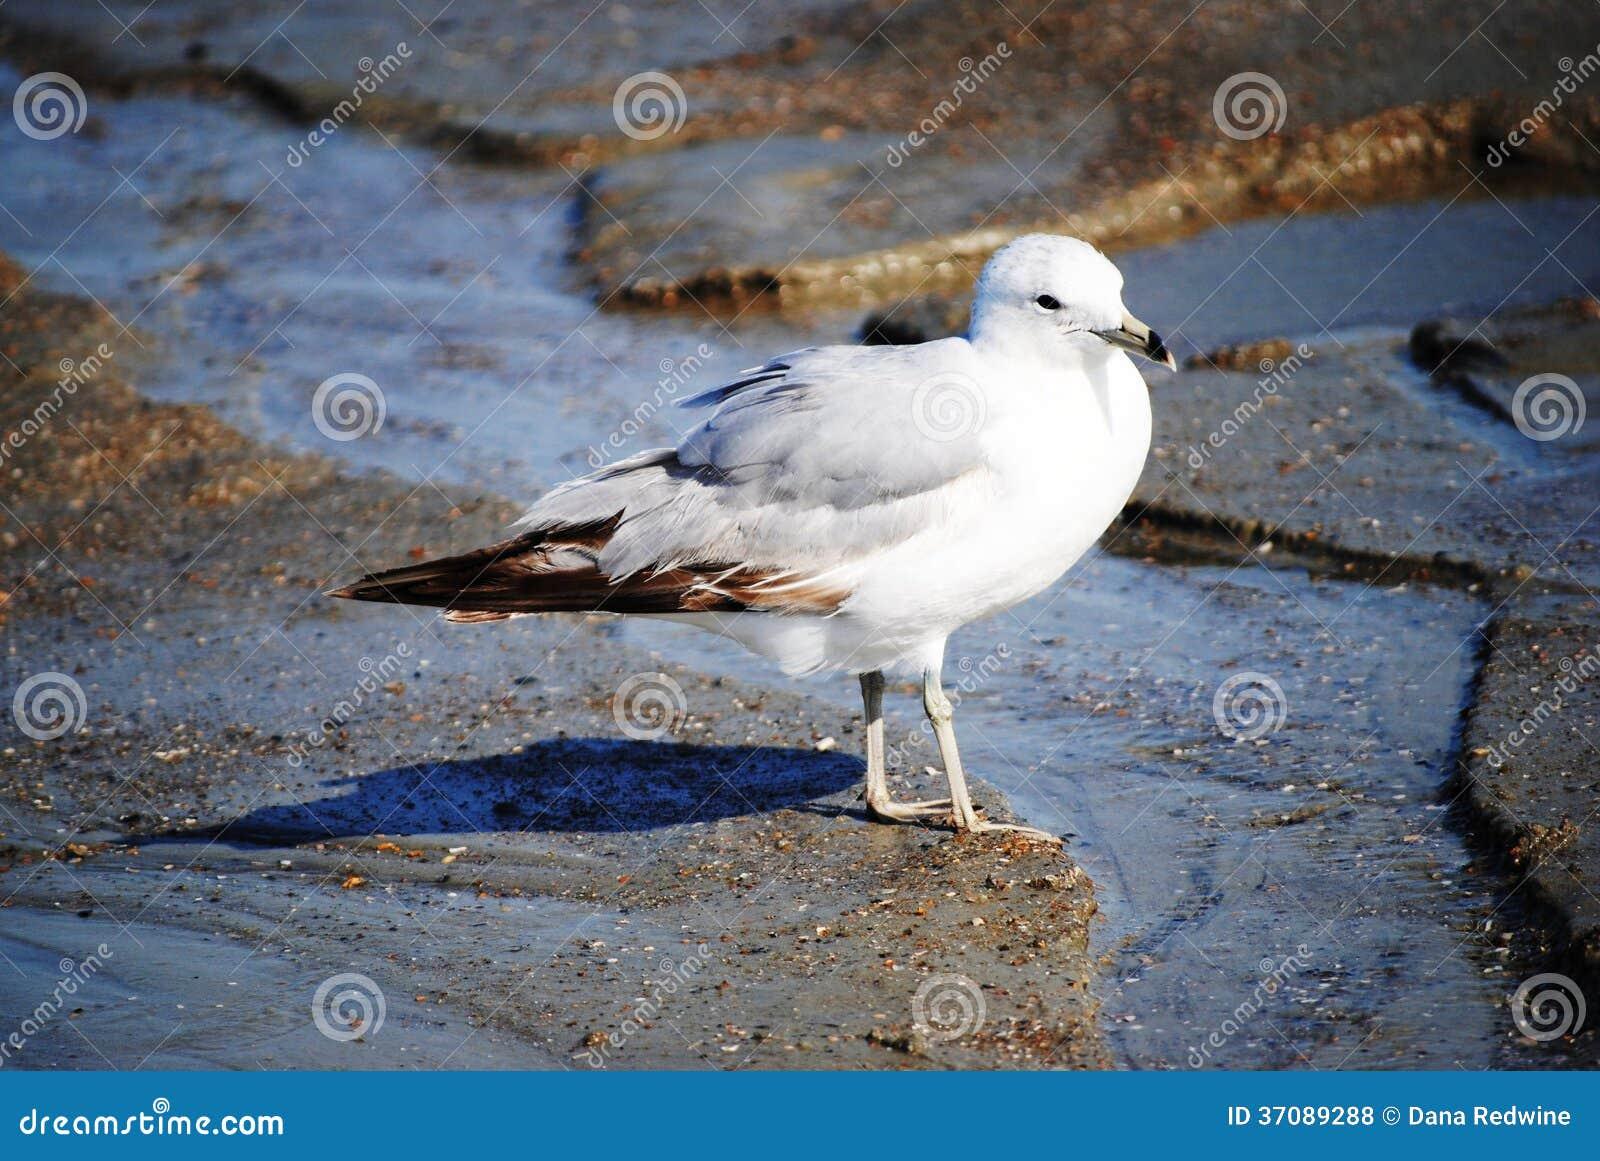 Download Seagull zdjęcie stock. Obraz złożonej z piórka, biały - 37089288